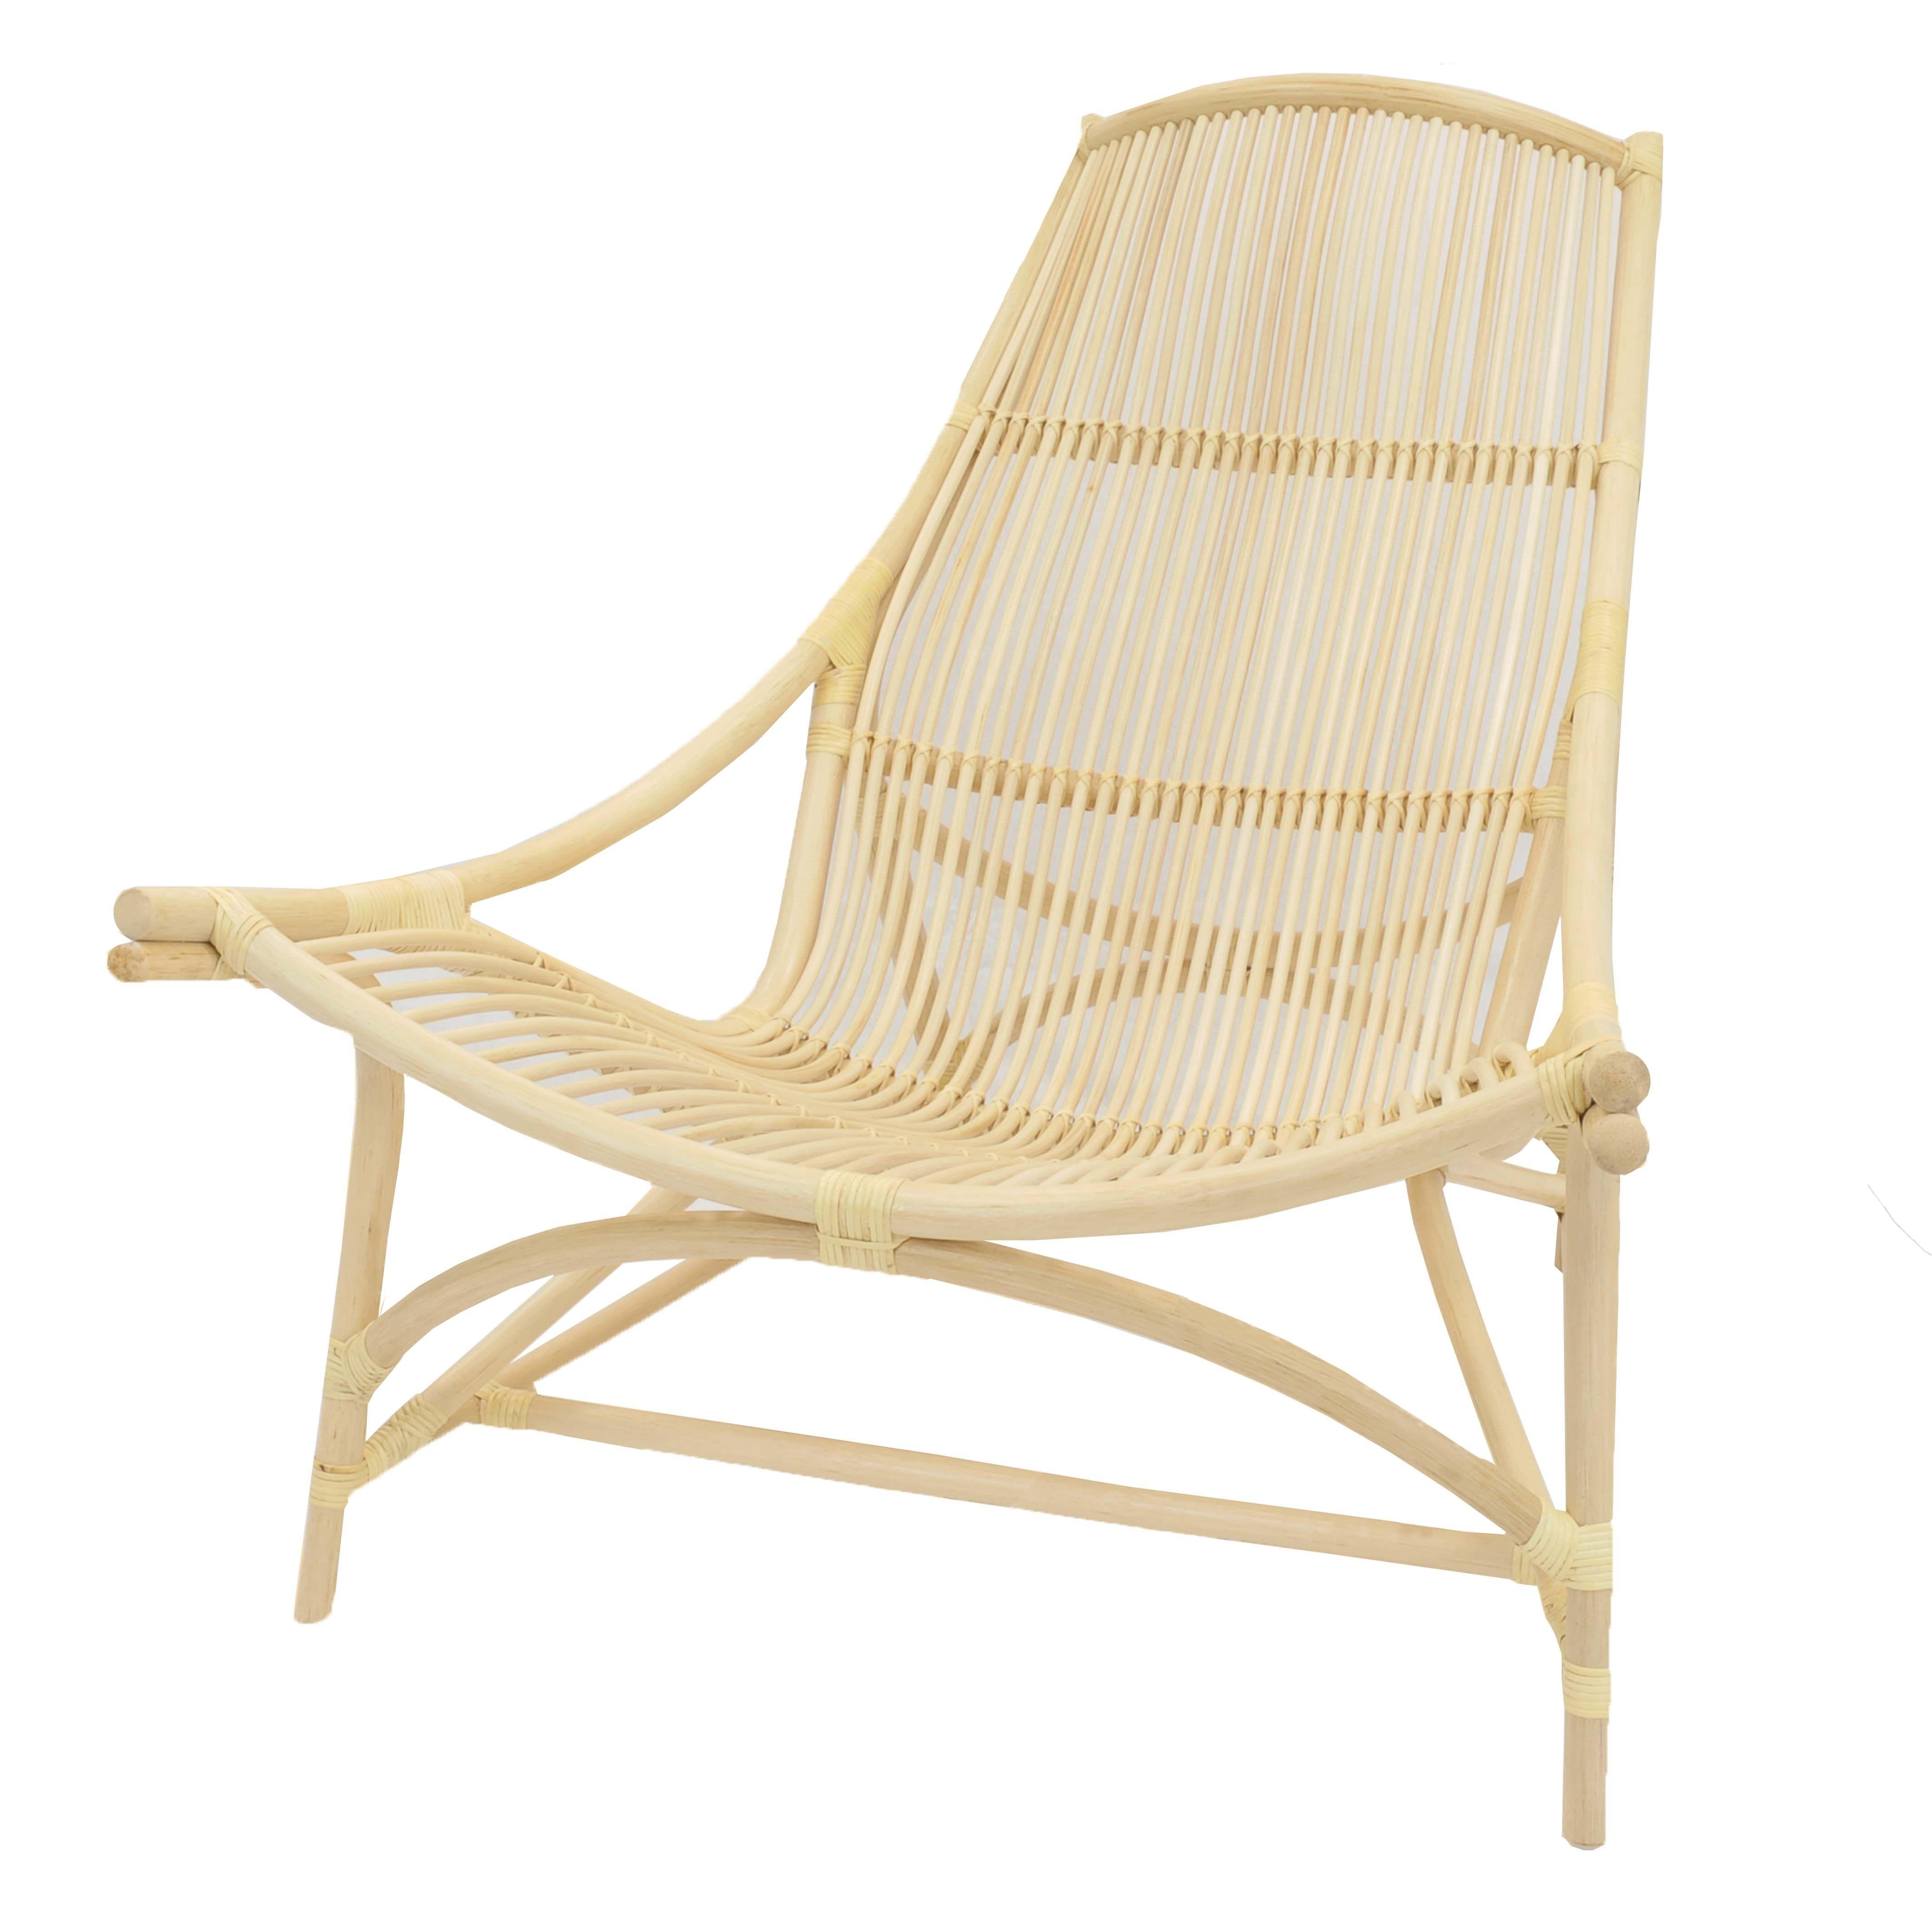 7200001 npd chair rattan chair accent chairs